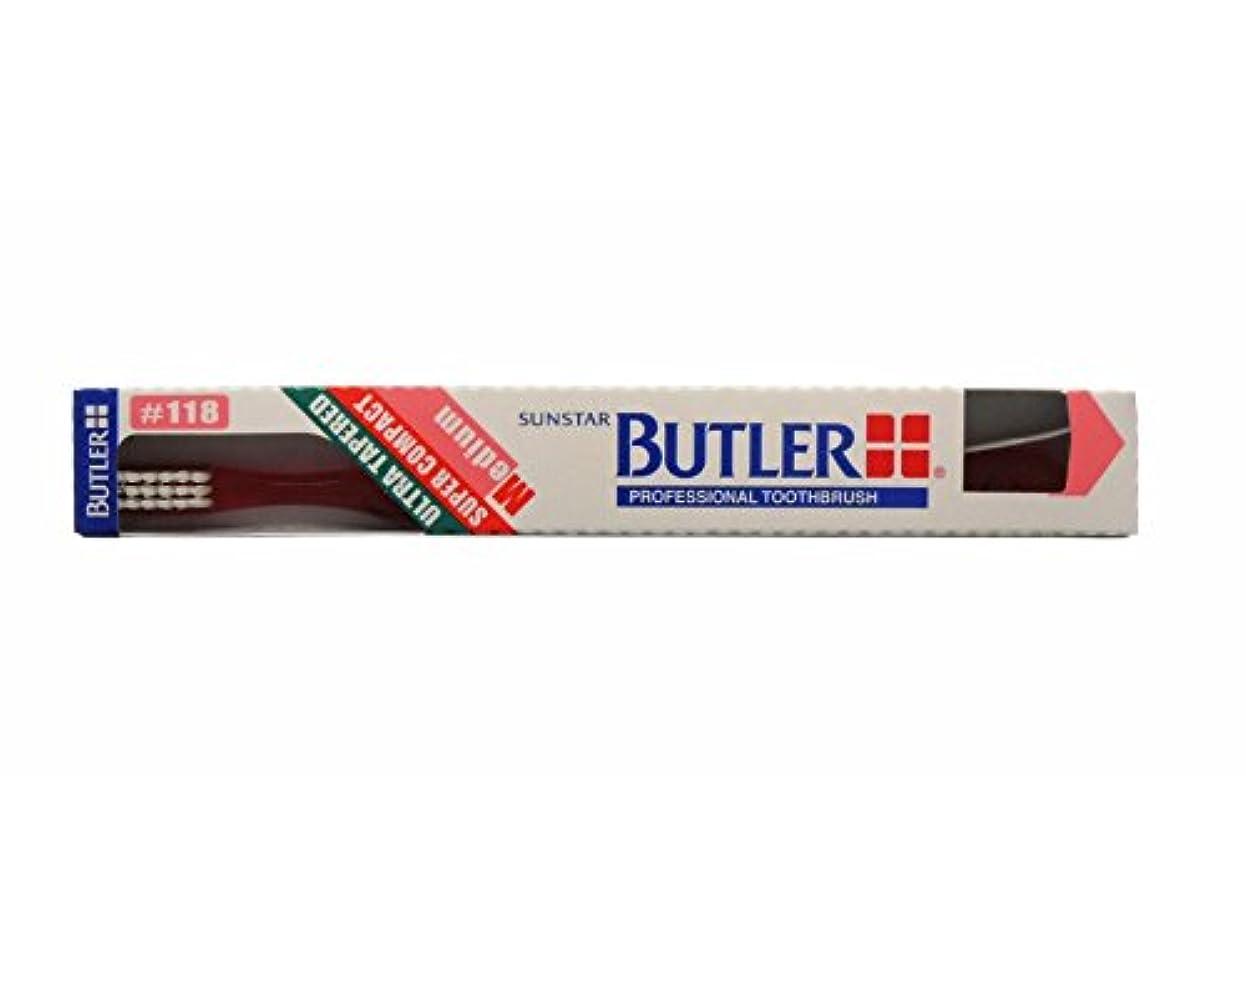 カスケード首謀者対話バトラー 歯ブラシ 1本 #118 レッド